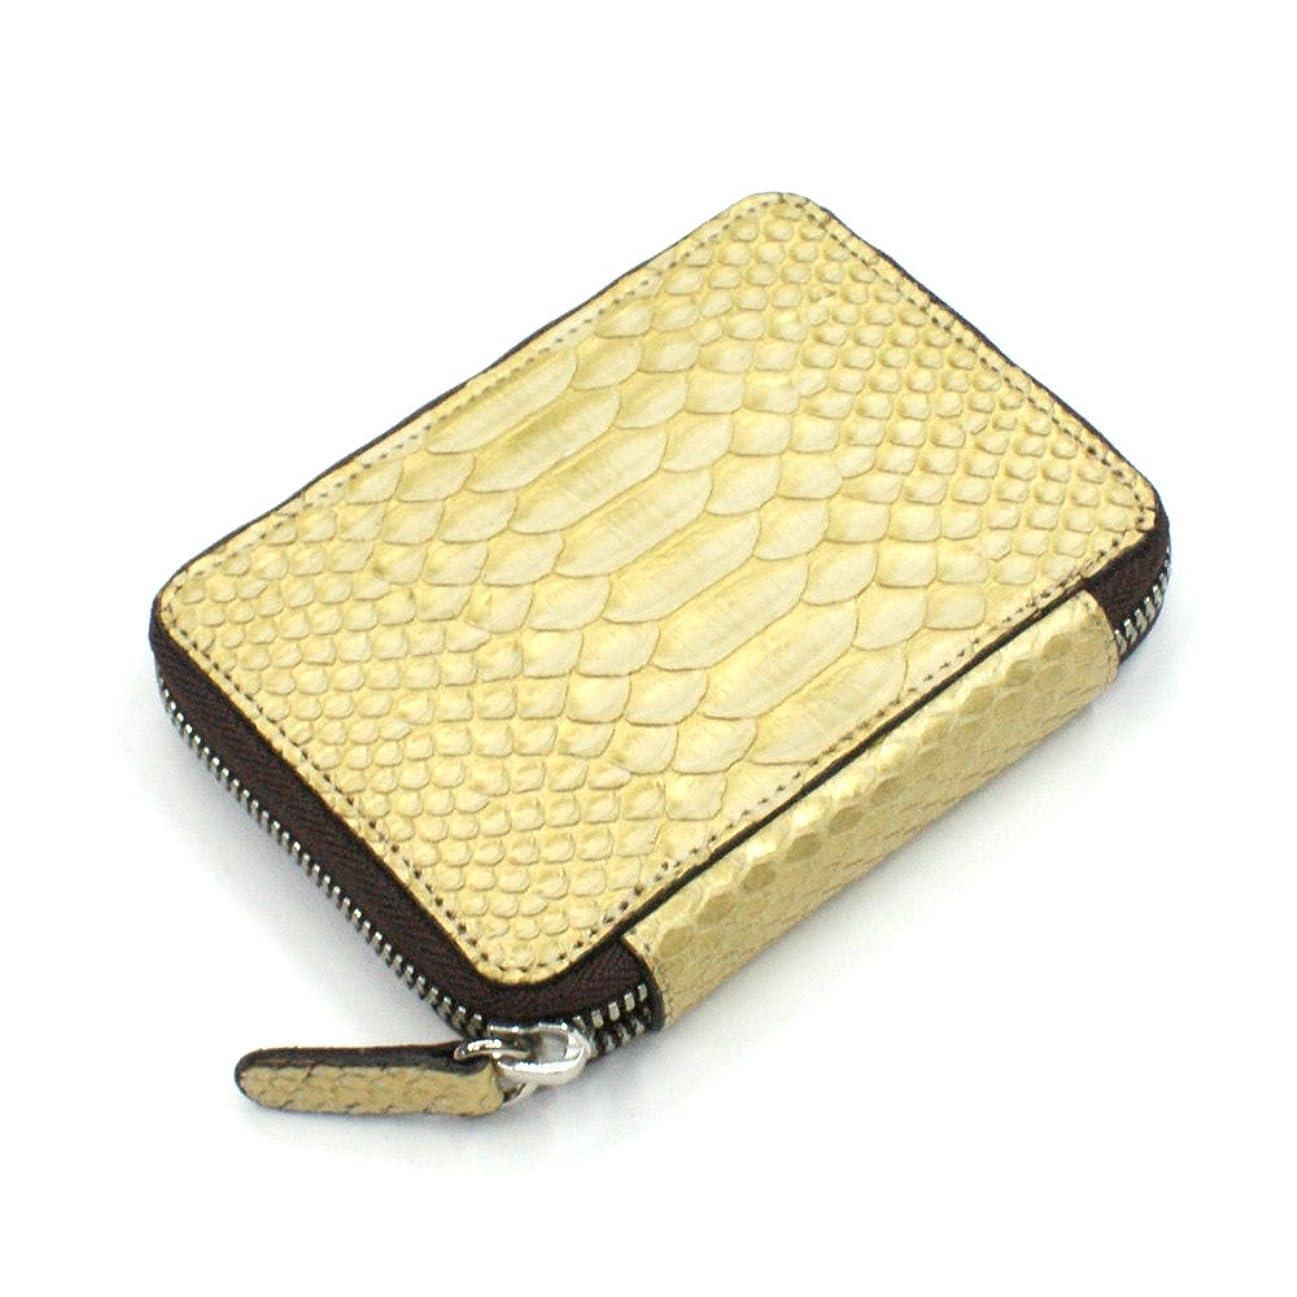 産地組み合わせ悪因子ZE1169-GOLD カード入れ 革 カードケース レザー 蛇革 パイソン ラウンド ファスナー レディース メンズ お札収納可 大容量 ヘビ ゼブラ ゴールド